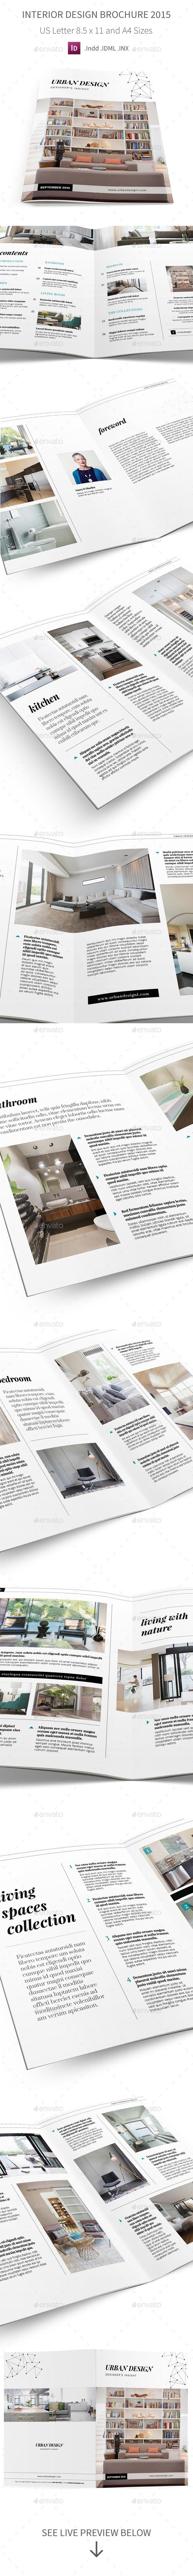 Interior Design Brochure 2015 Template - Informational Brochures